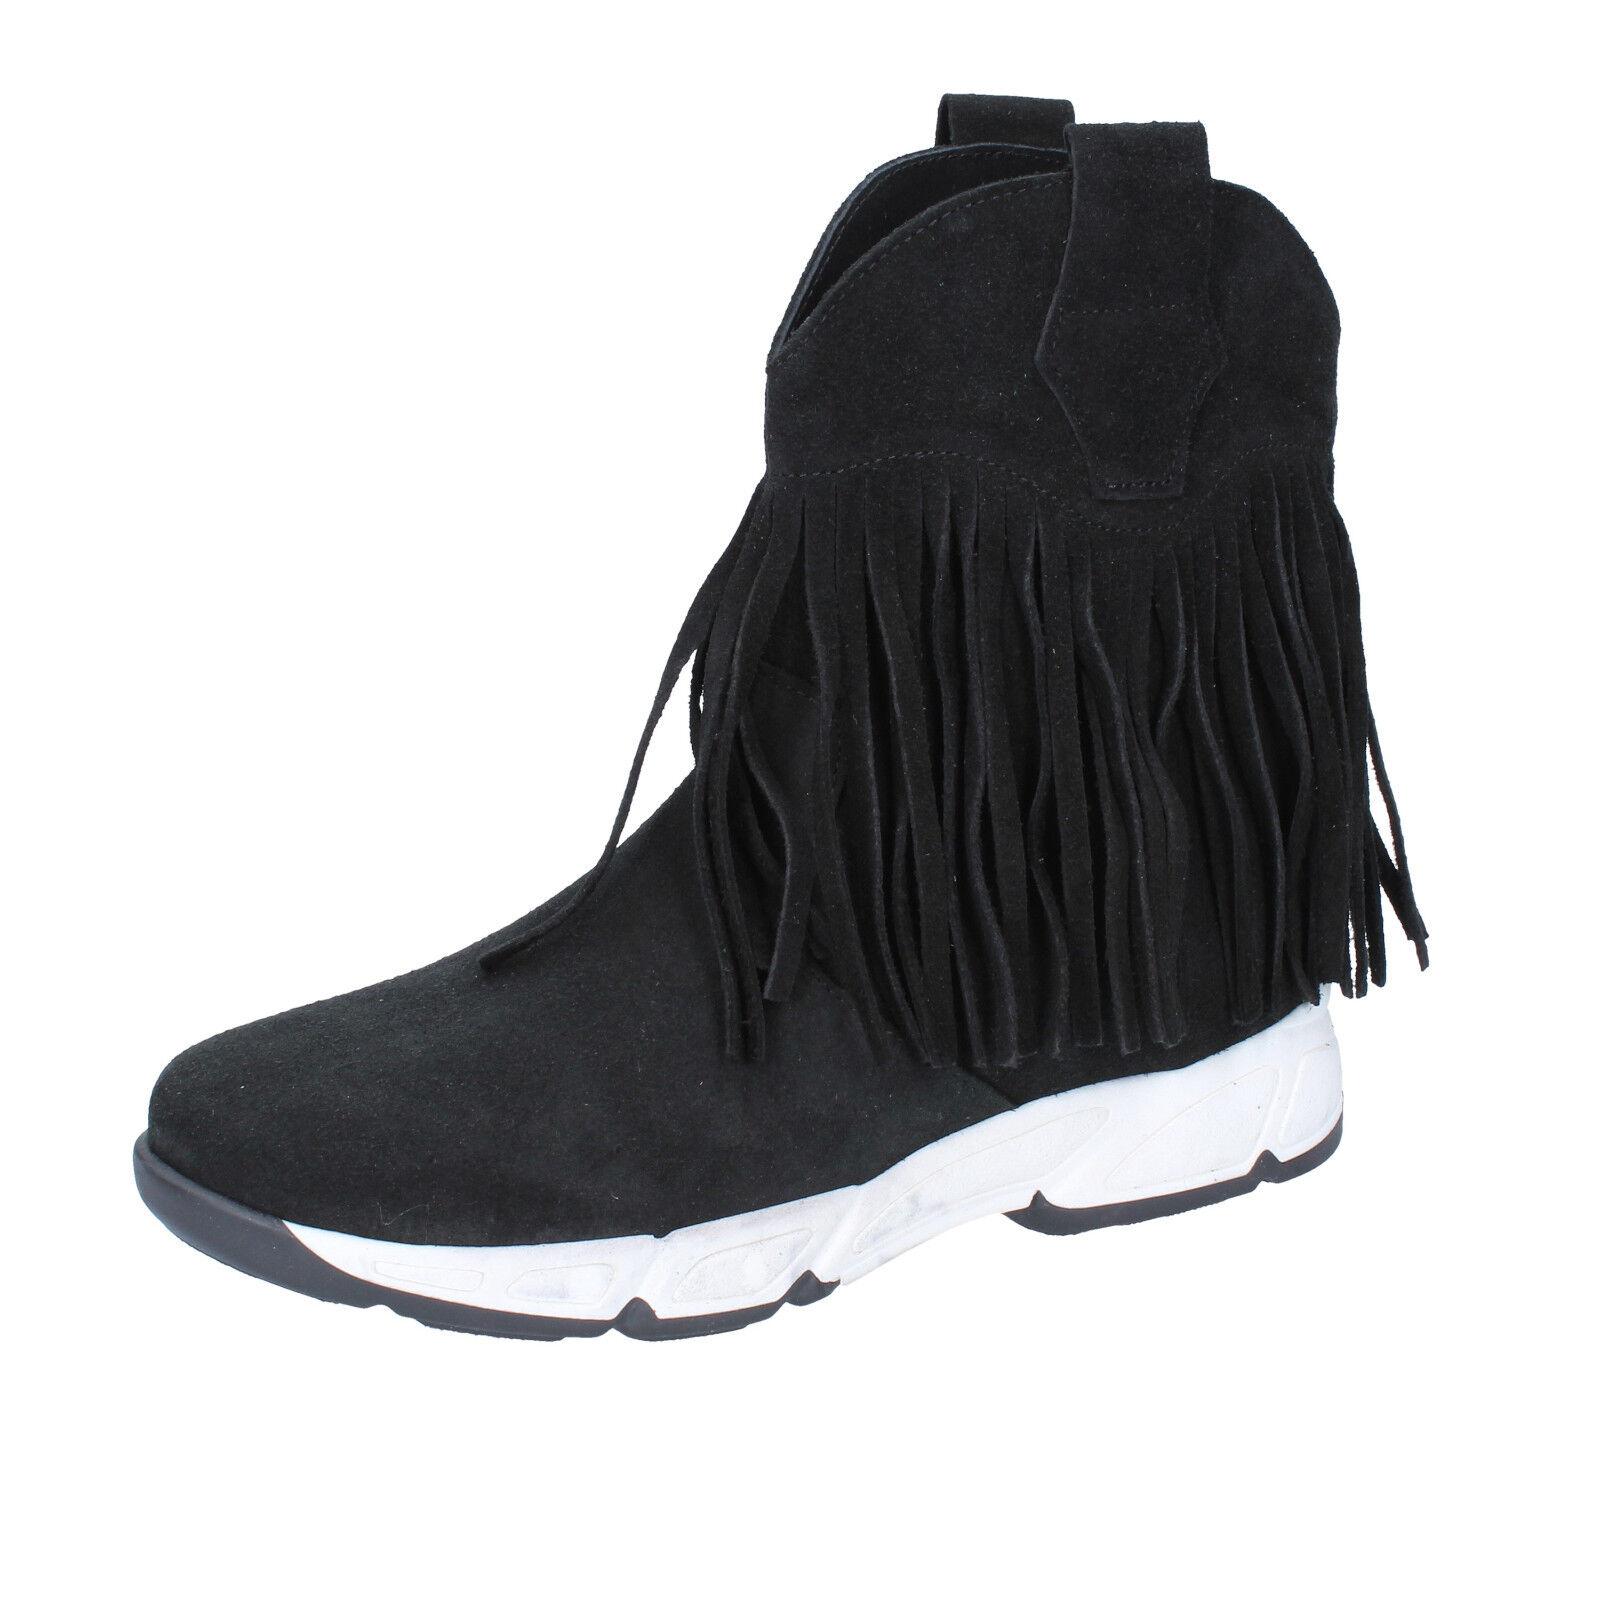 Para mujeres Zapatos Olga Rubini 10 () botas al Tobillo Gamuza Negra BX784-40